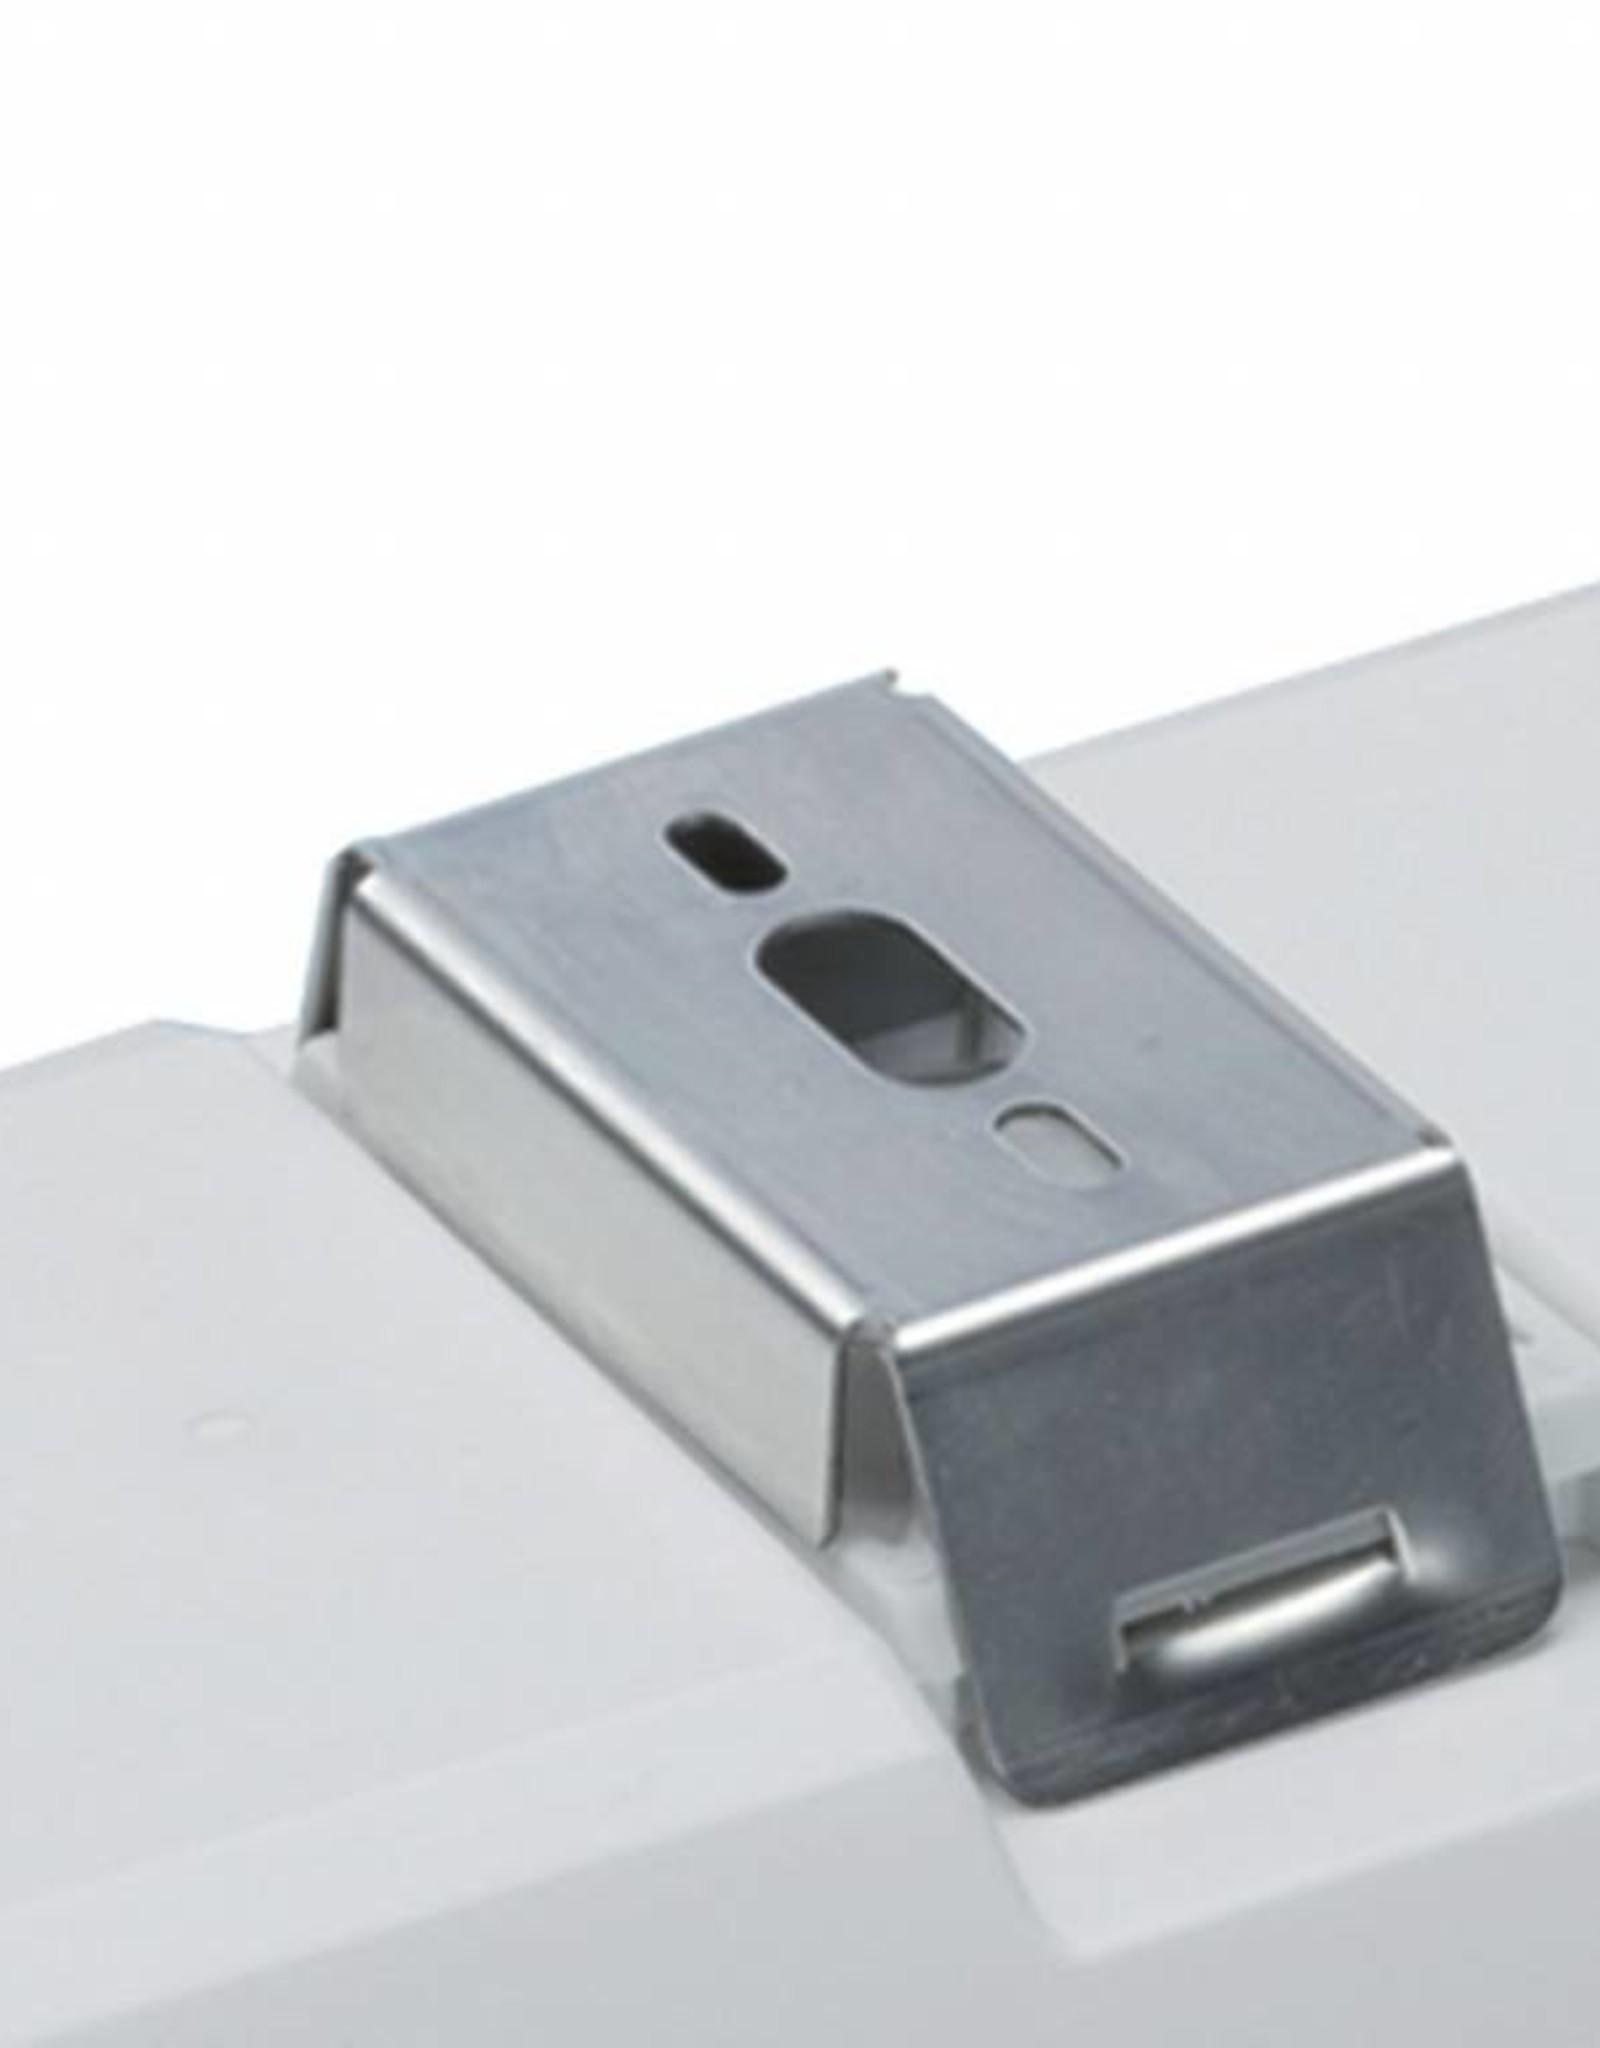 PRIMA FUTURA 2.2ft ABSc Al 4400/840 M1h